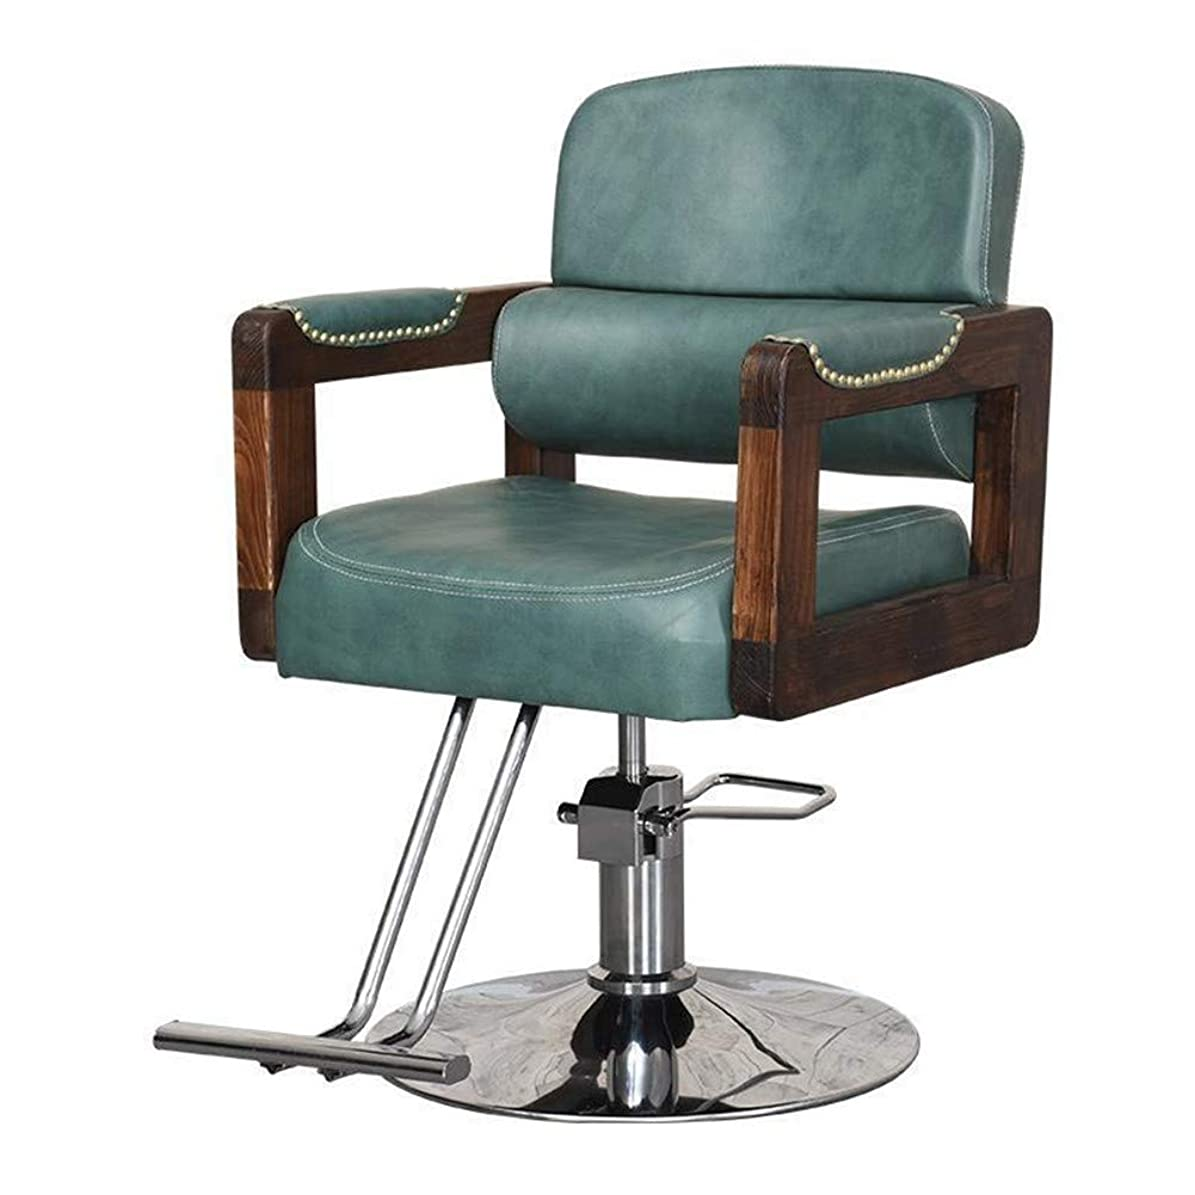 スライム絡み合いビデオサロンの椅子は専門の油圧理髪店の椅子の大広間の美容院の鉱泉のモデリングチェアの円形の基盤を持ち上げるために回すことができます,Brown,B